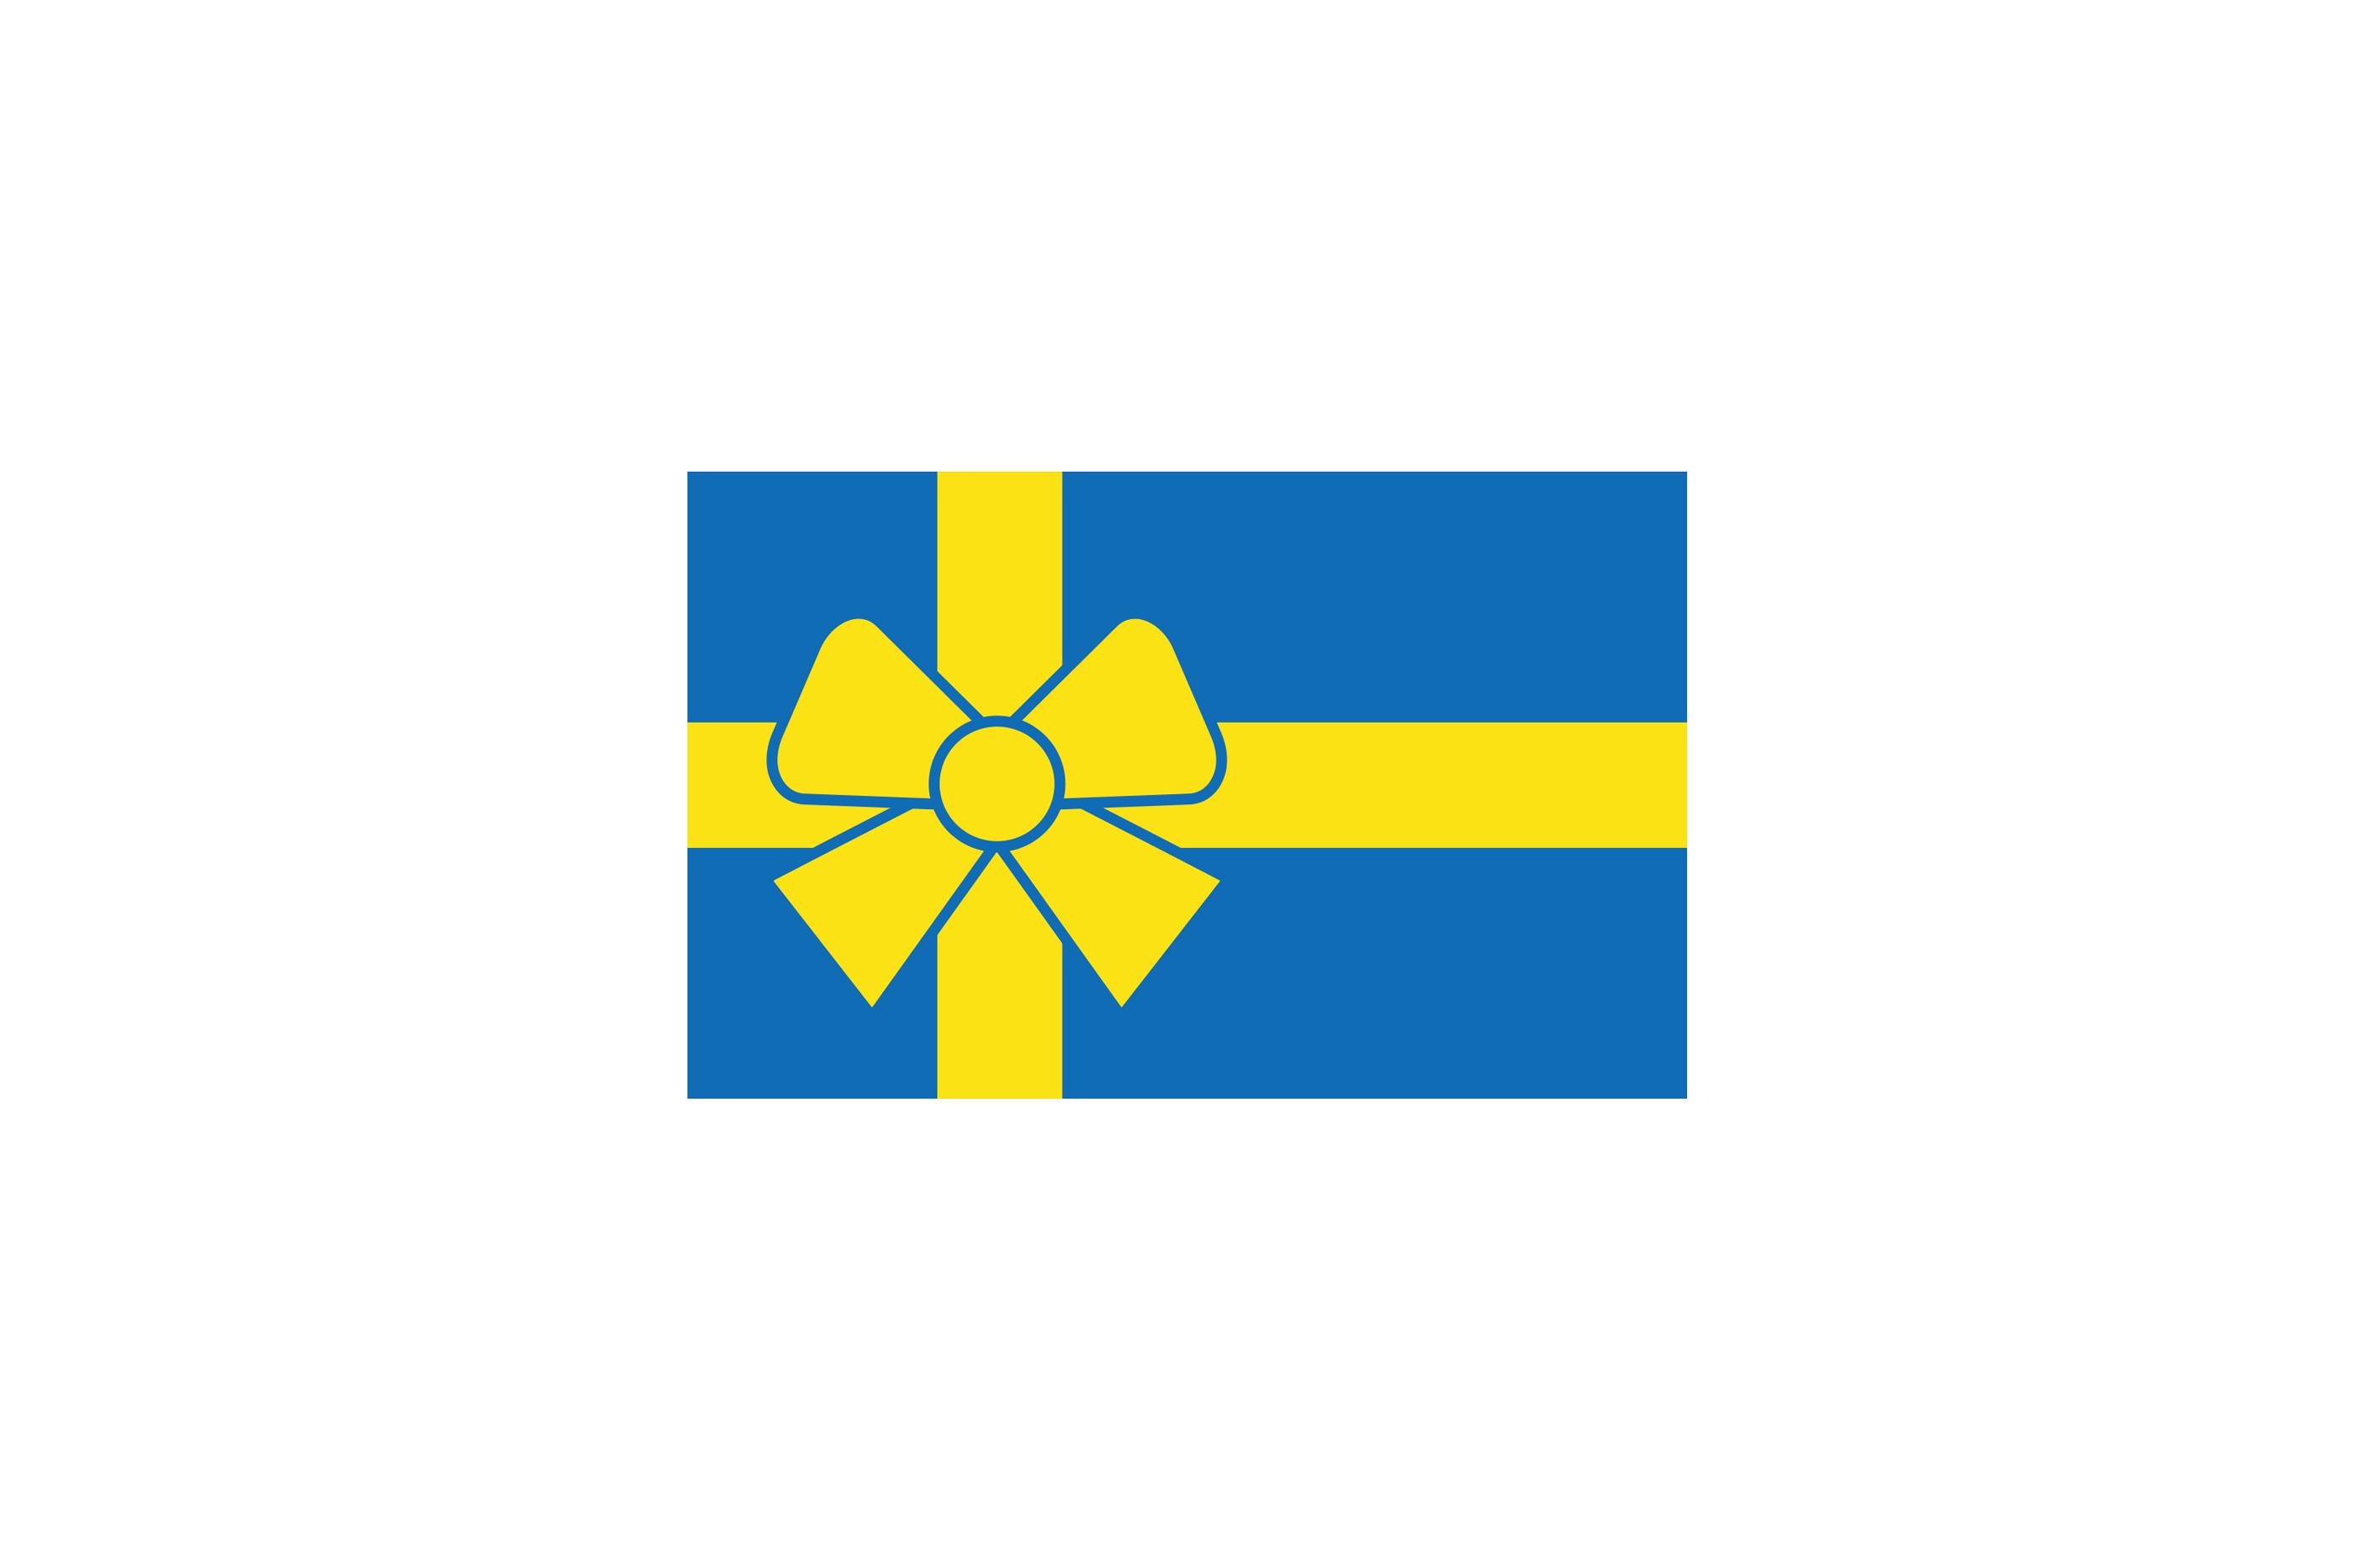 IKEA is 30 logo